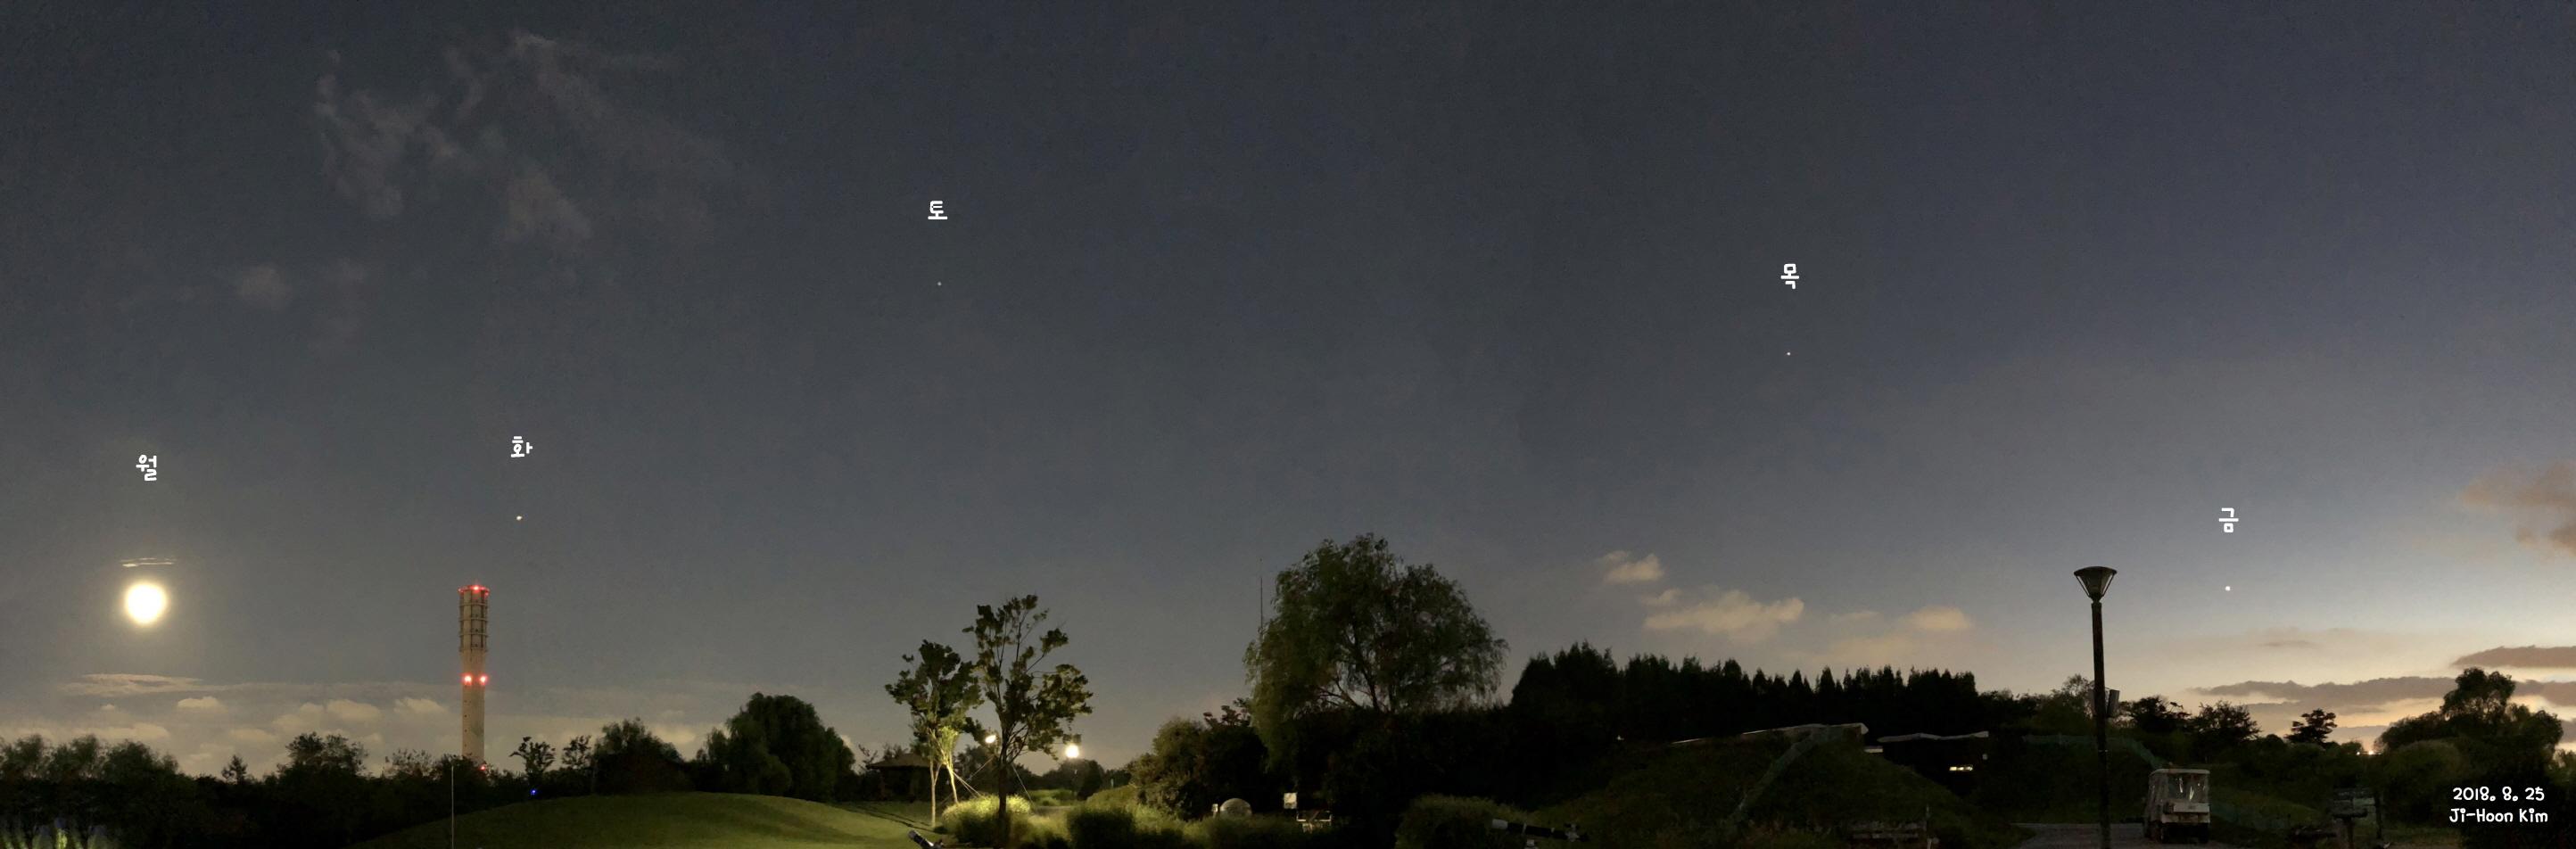 크기변환_2018.8.25 노을공원에서 4행성과 달 2.jpg - 이름.jpg